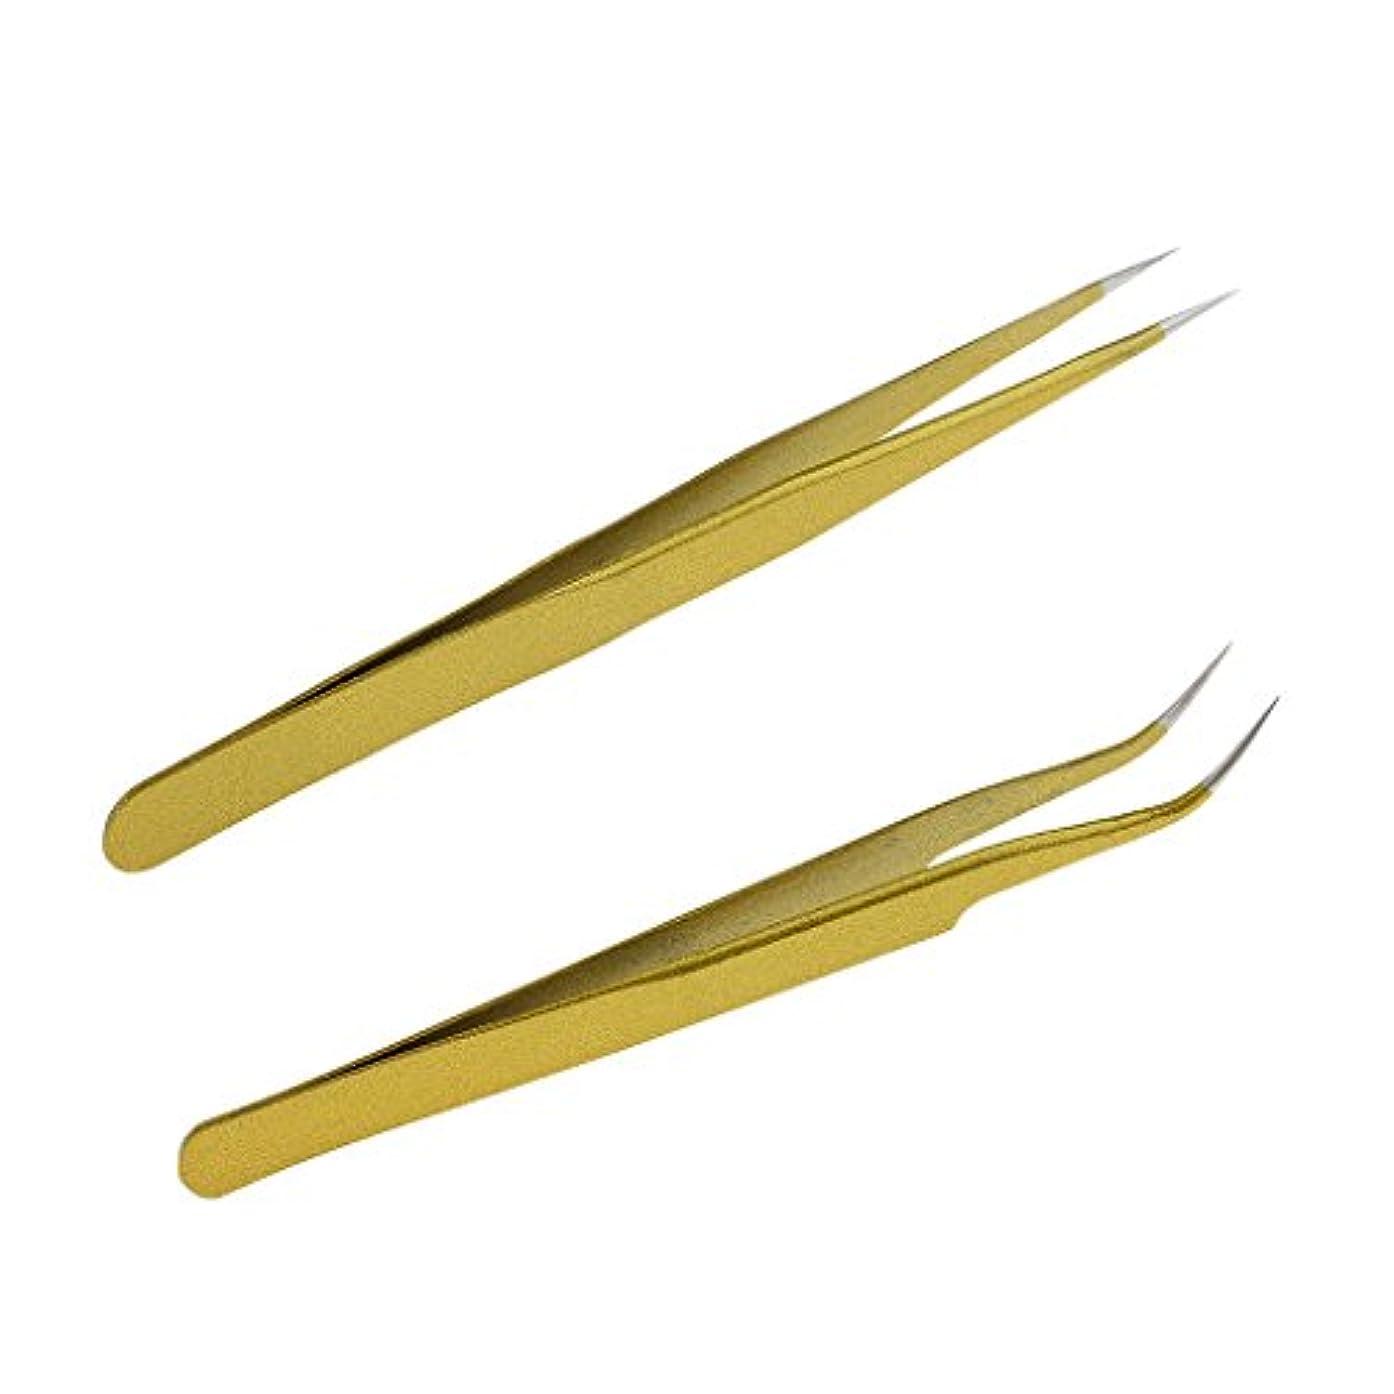 シネマ歌手成果毛抜き ピンセット ステンレス 曲線 ストレート まつげエクステンション ゴールド 2本セット